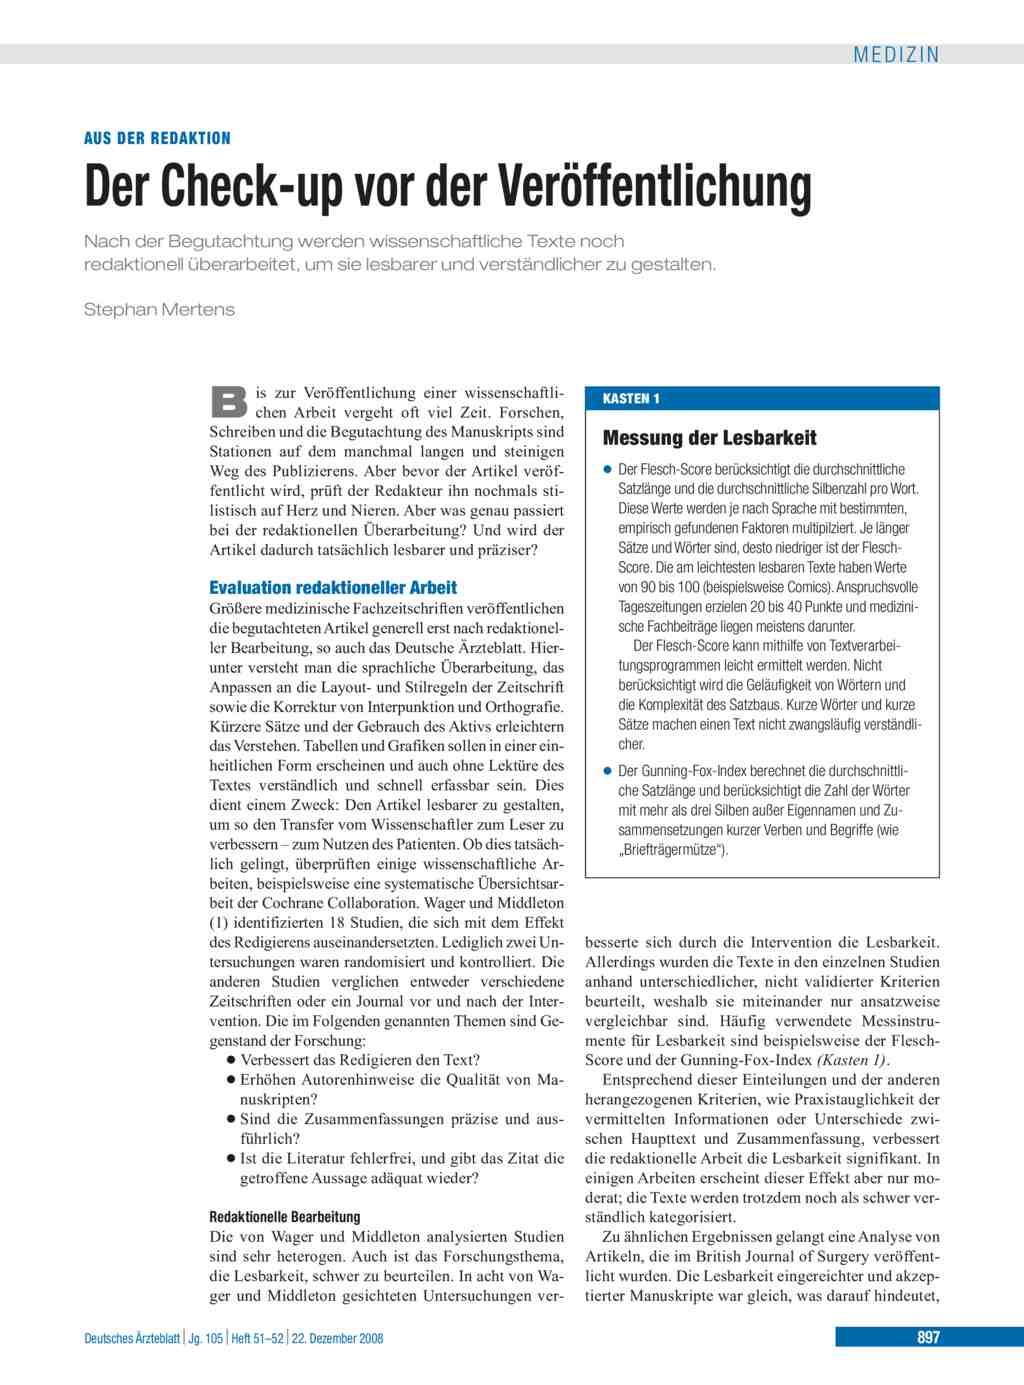 Der Check Up Vor Der Veröffentlichung